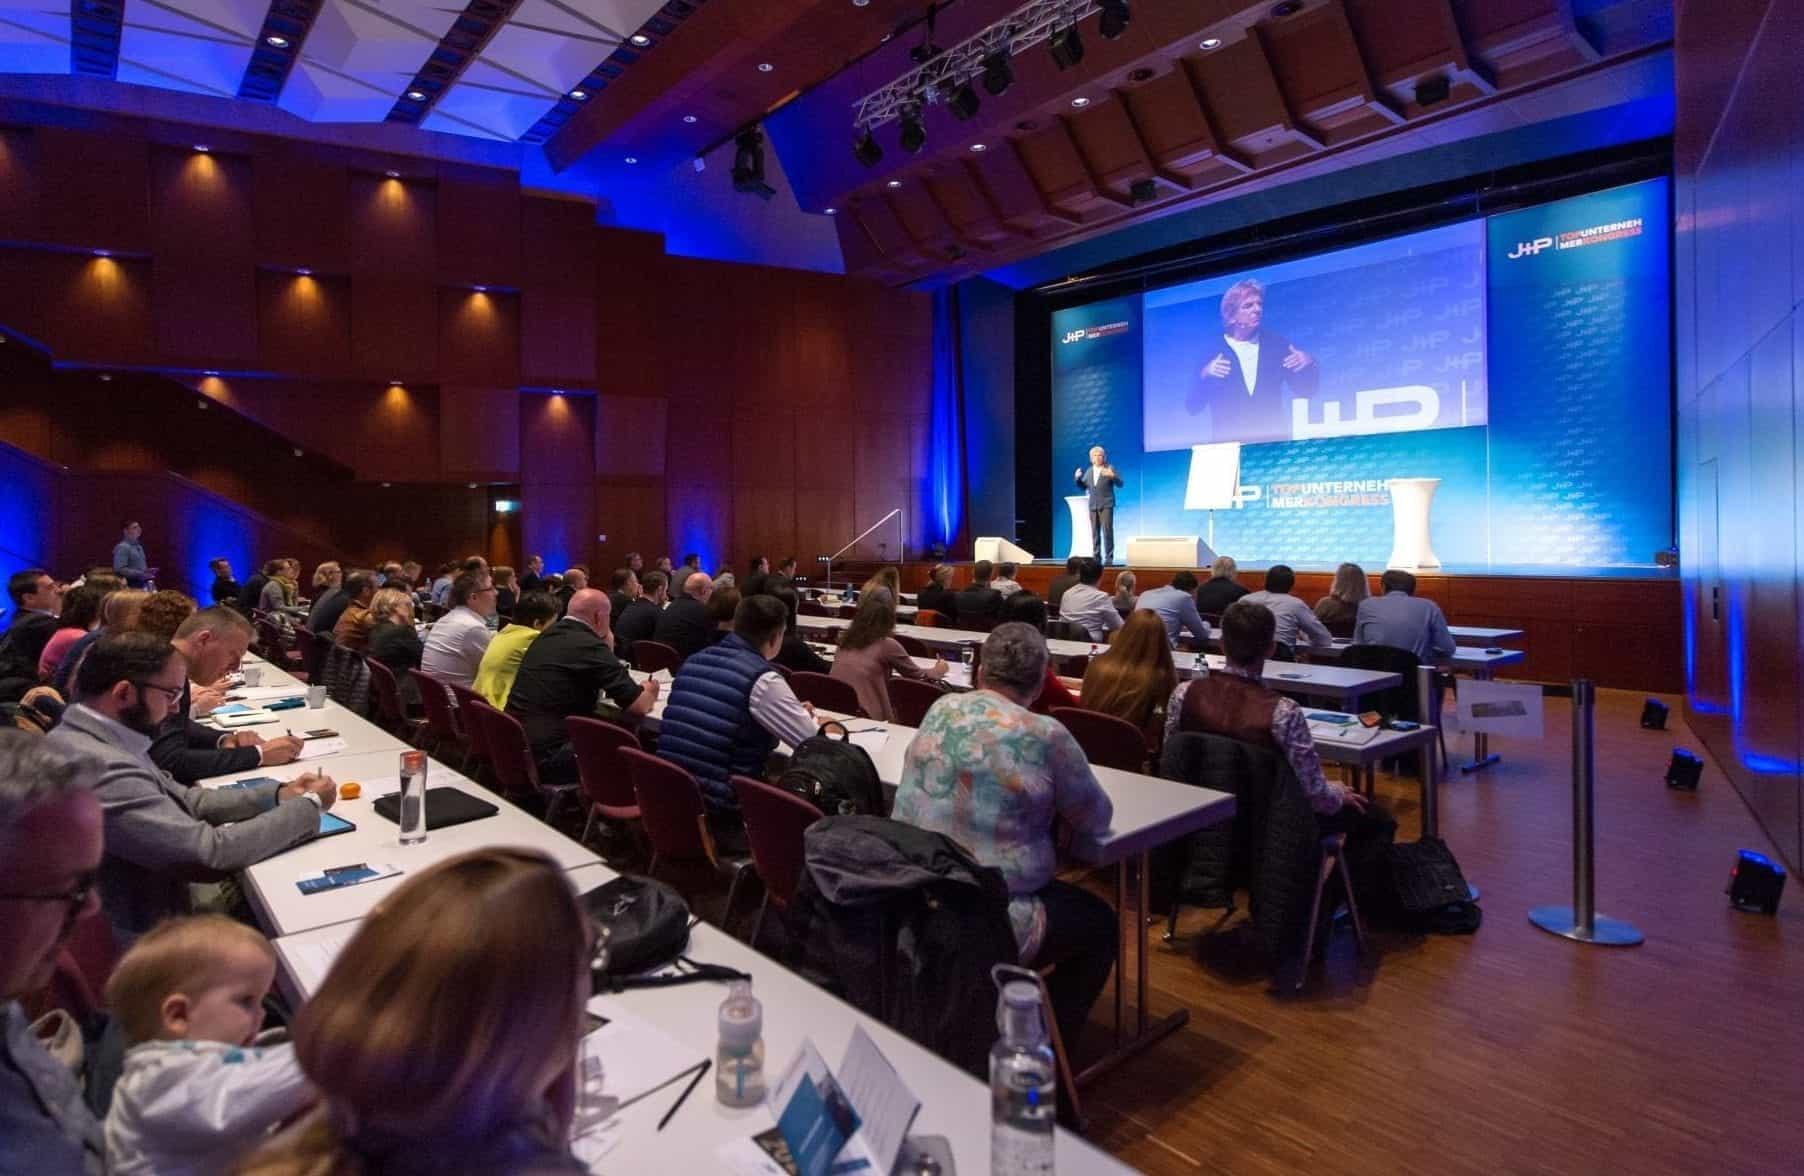 Konferenztechnik Agentur Frankfurt